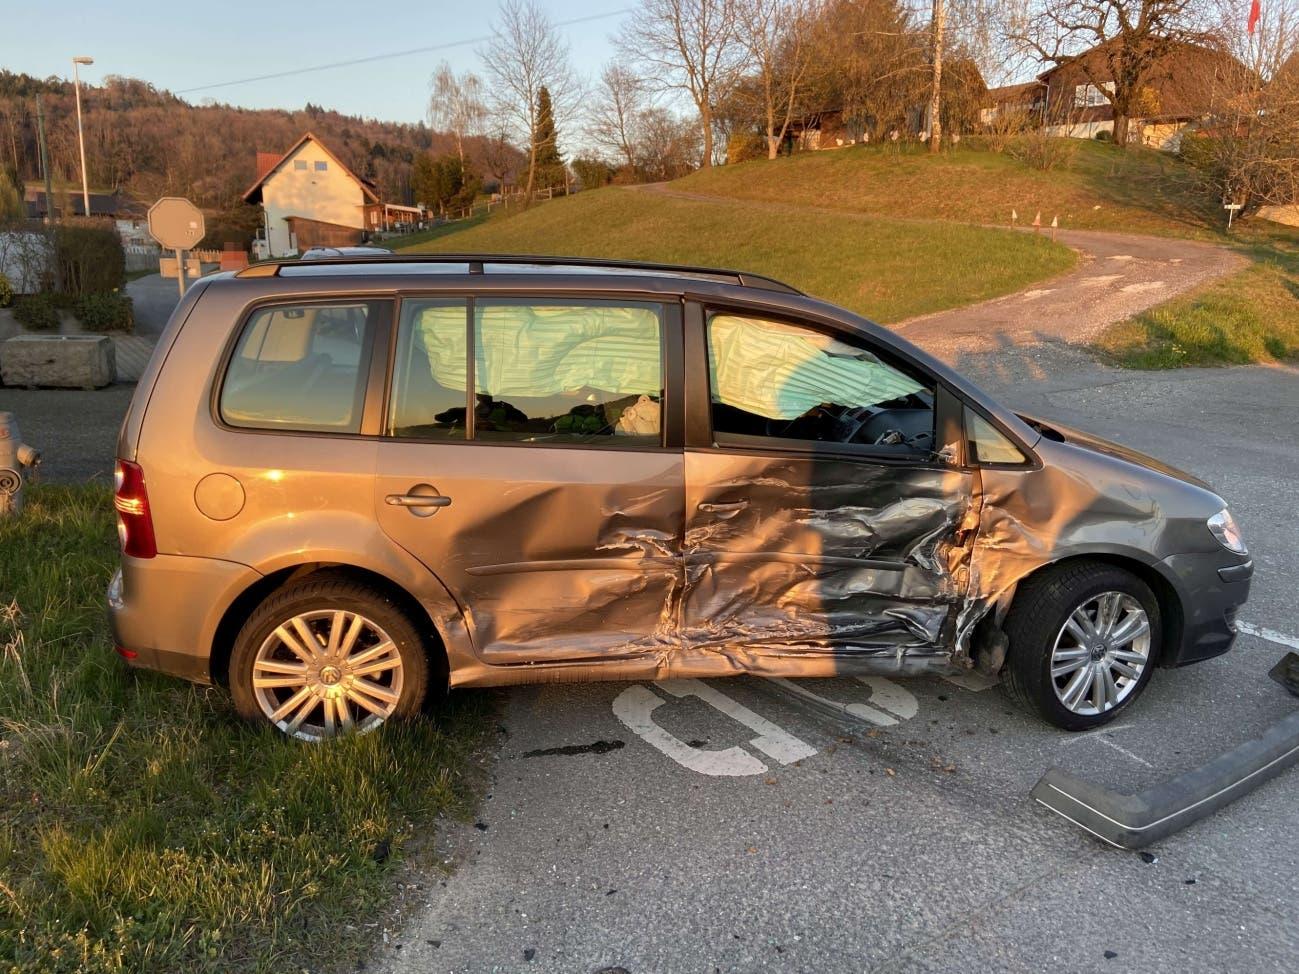 Weitere Bilder des Unfalls.